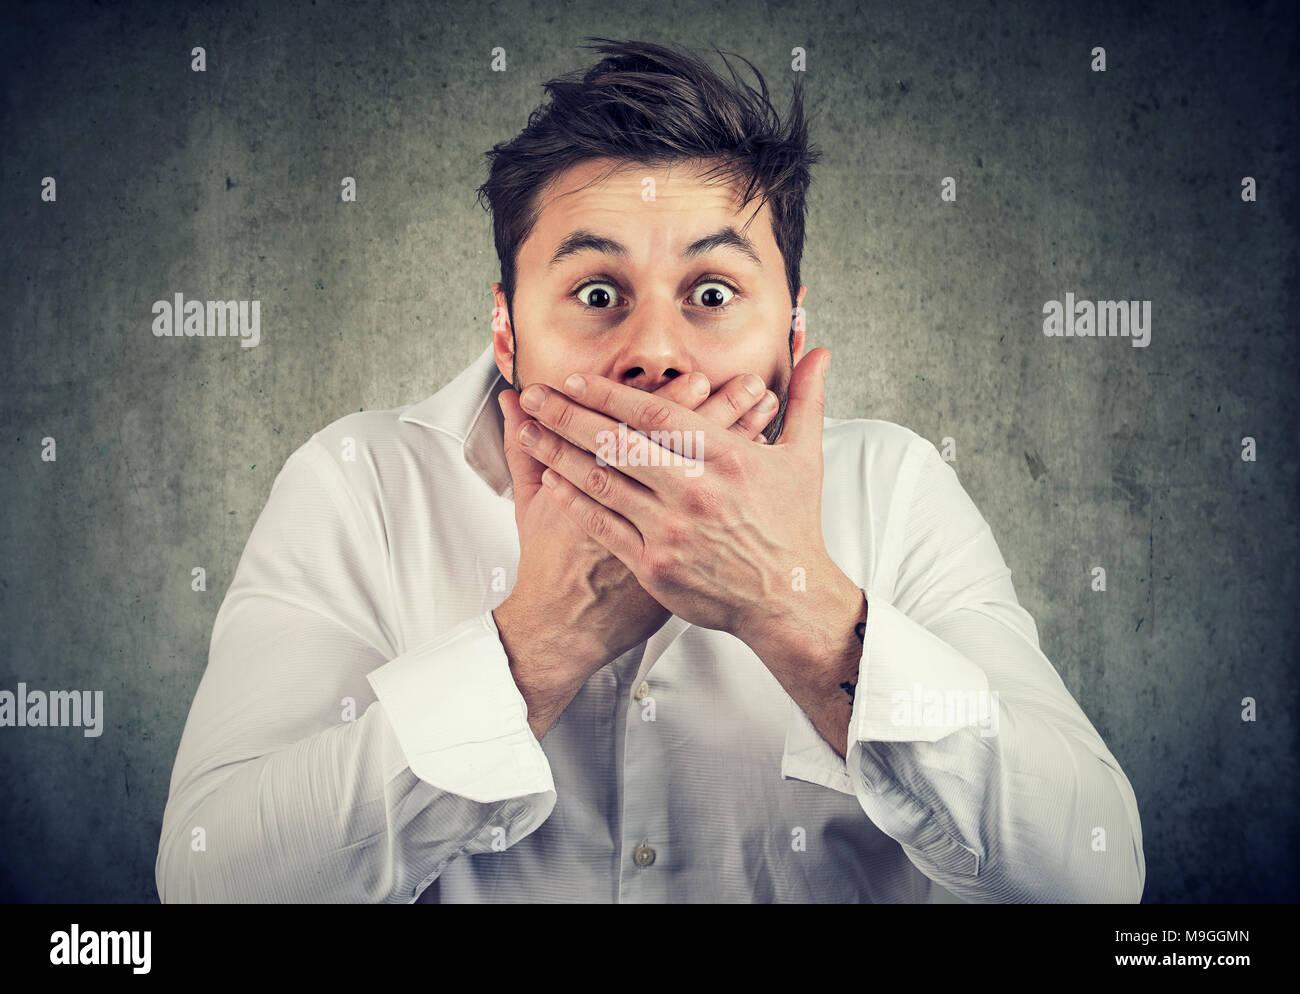 Los jóvenes conmocionó al hombre con la camisa blanca cubriendo la boca sosteniendo gritar mientras mirando a la cámara con expresión de cara asombrada. Imagen De Stock